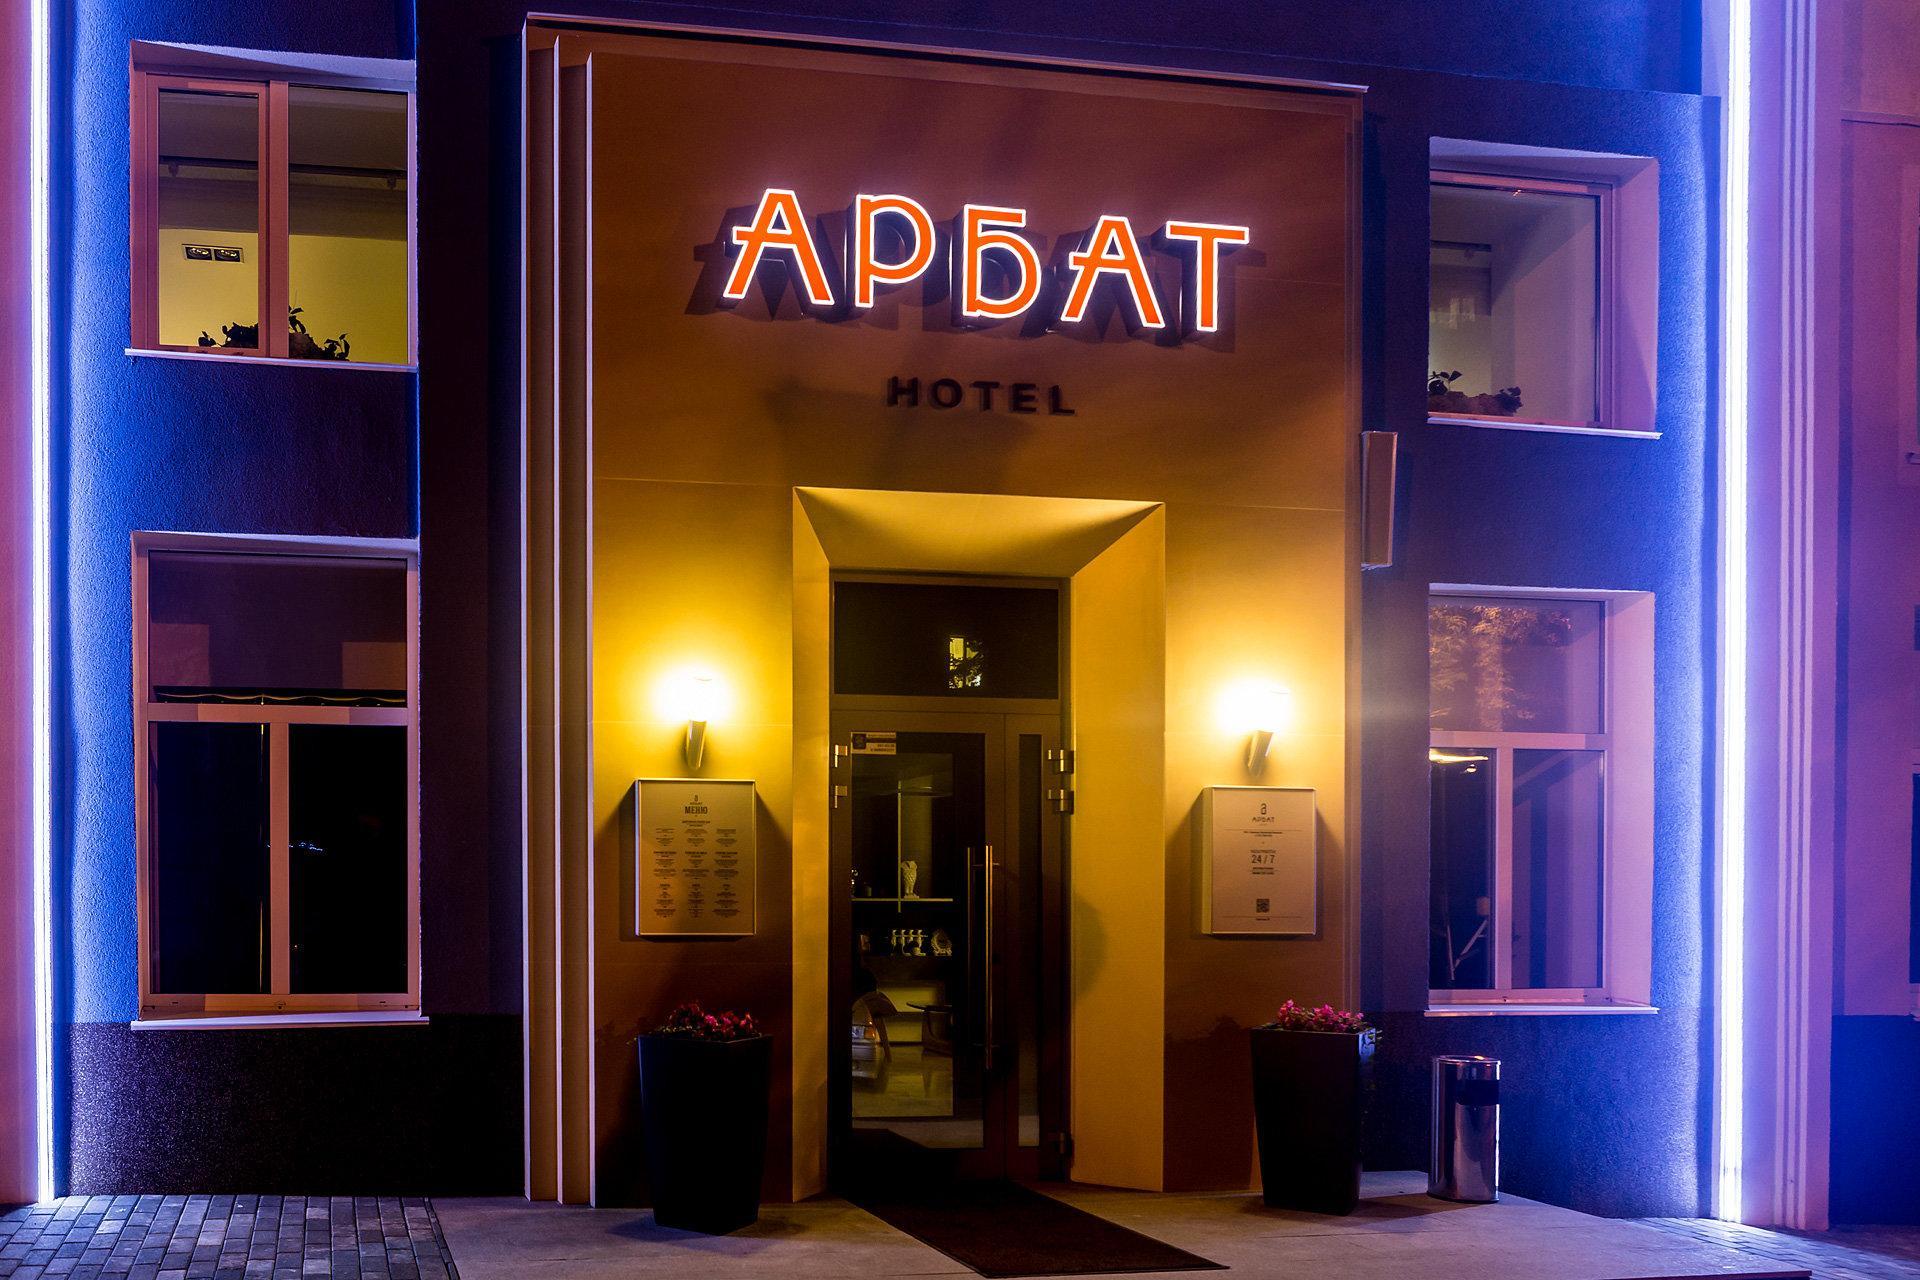 фотография Гостиницы Арбат на Советской улице